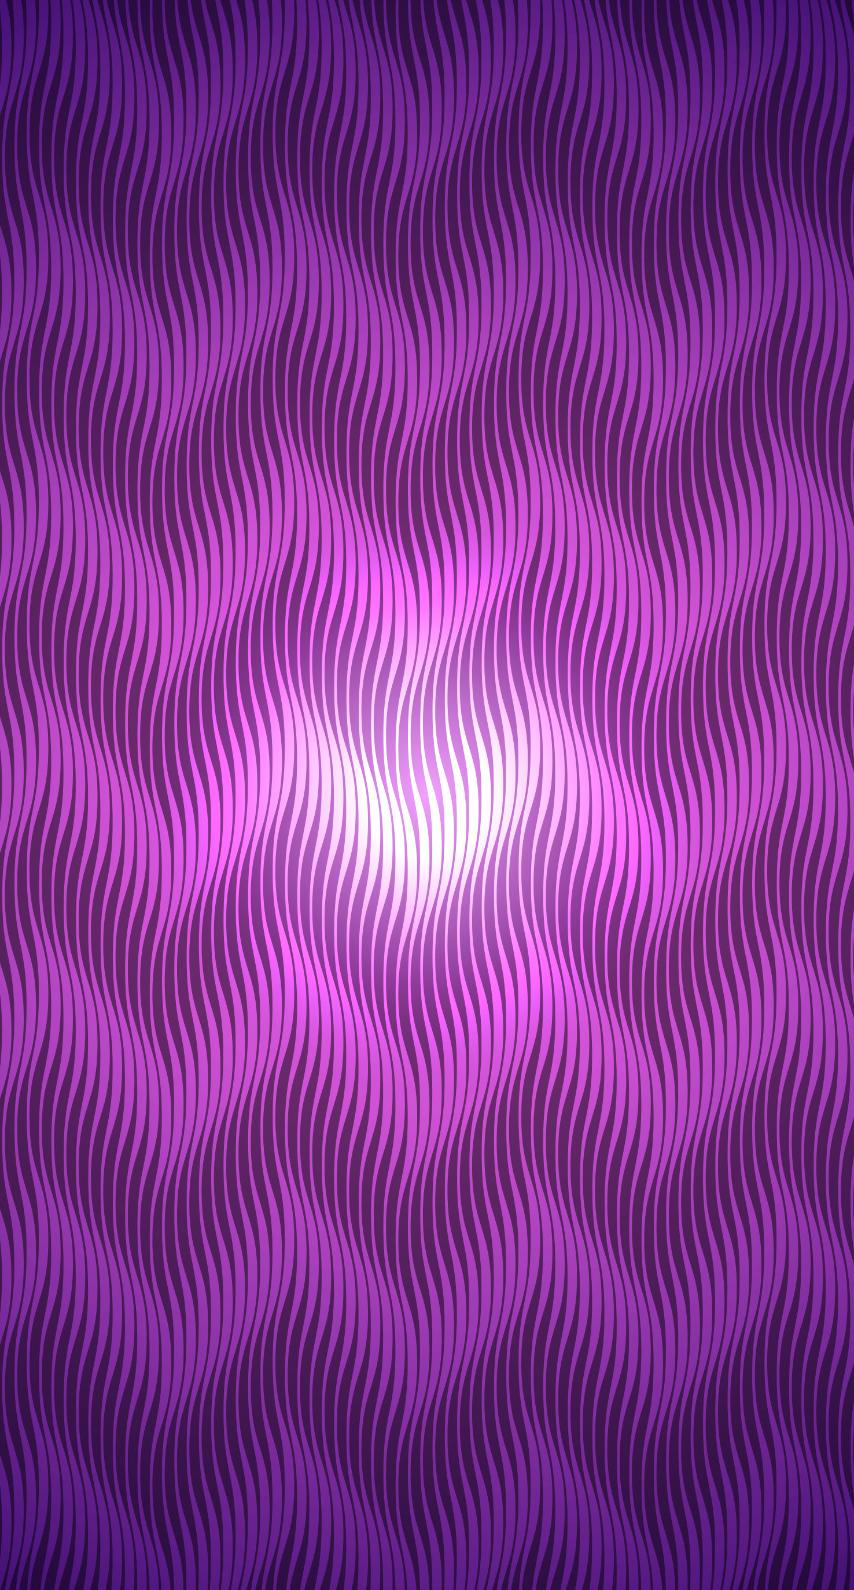 surface, net